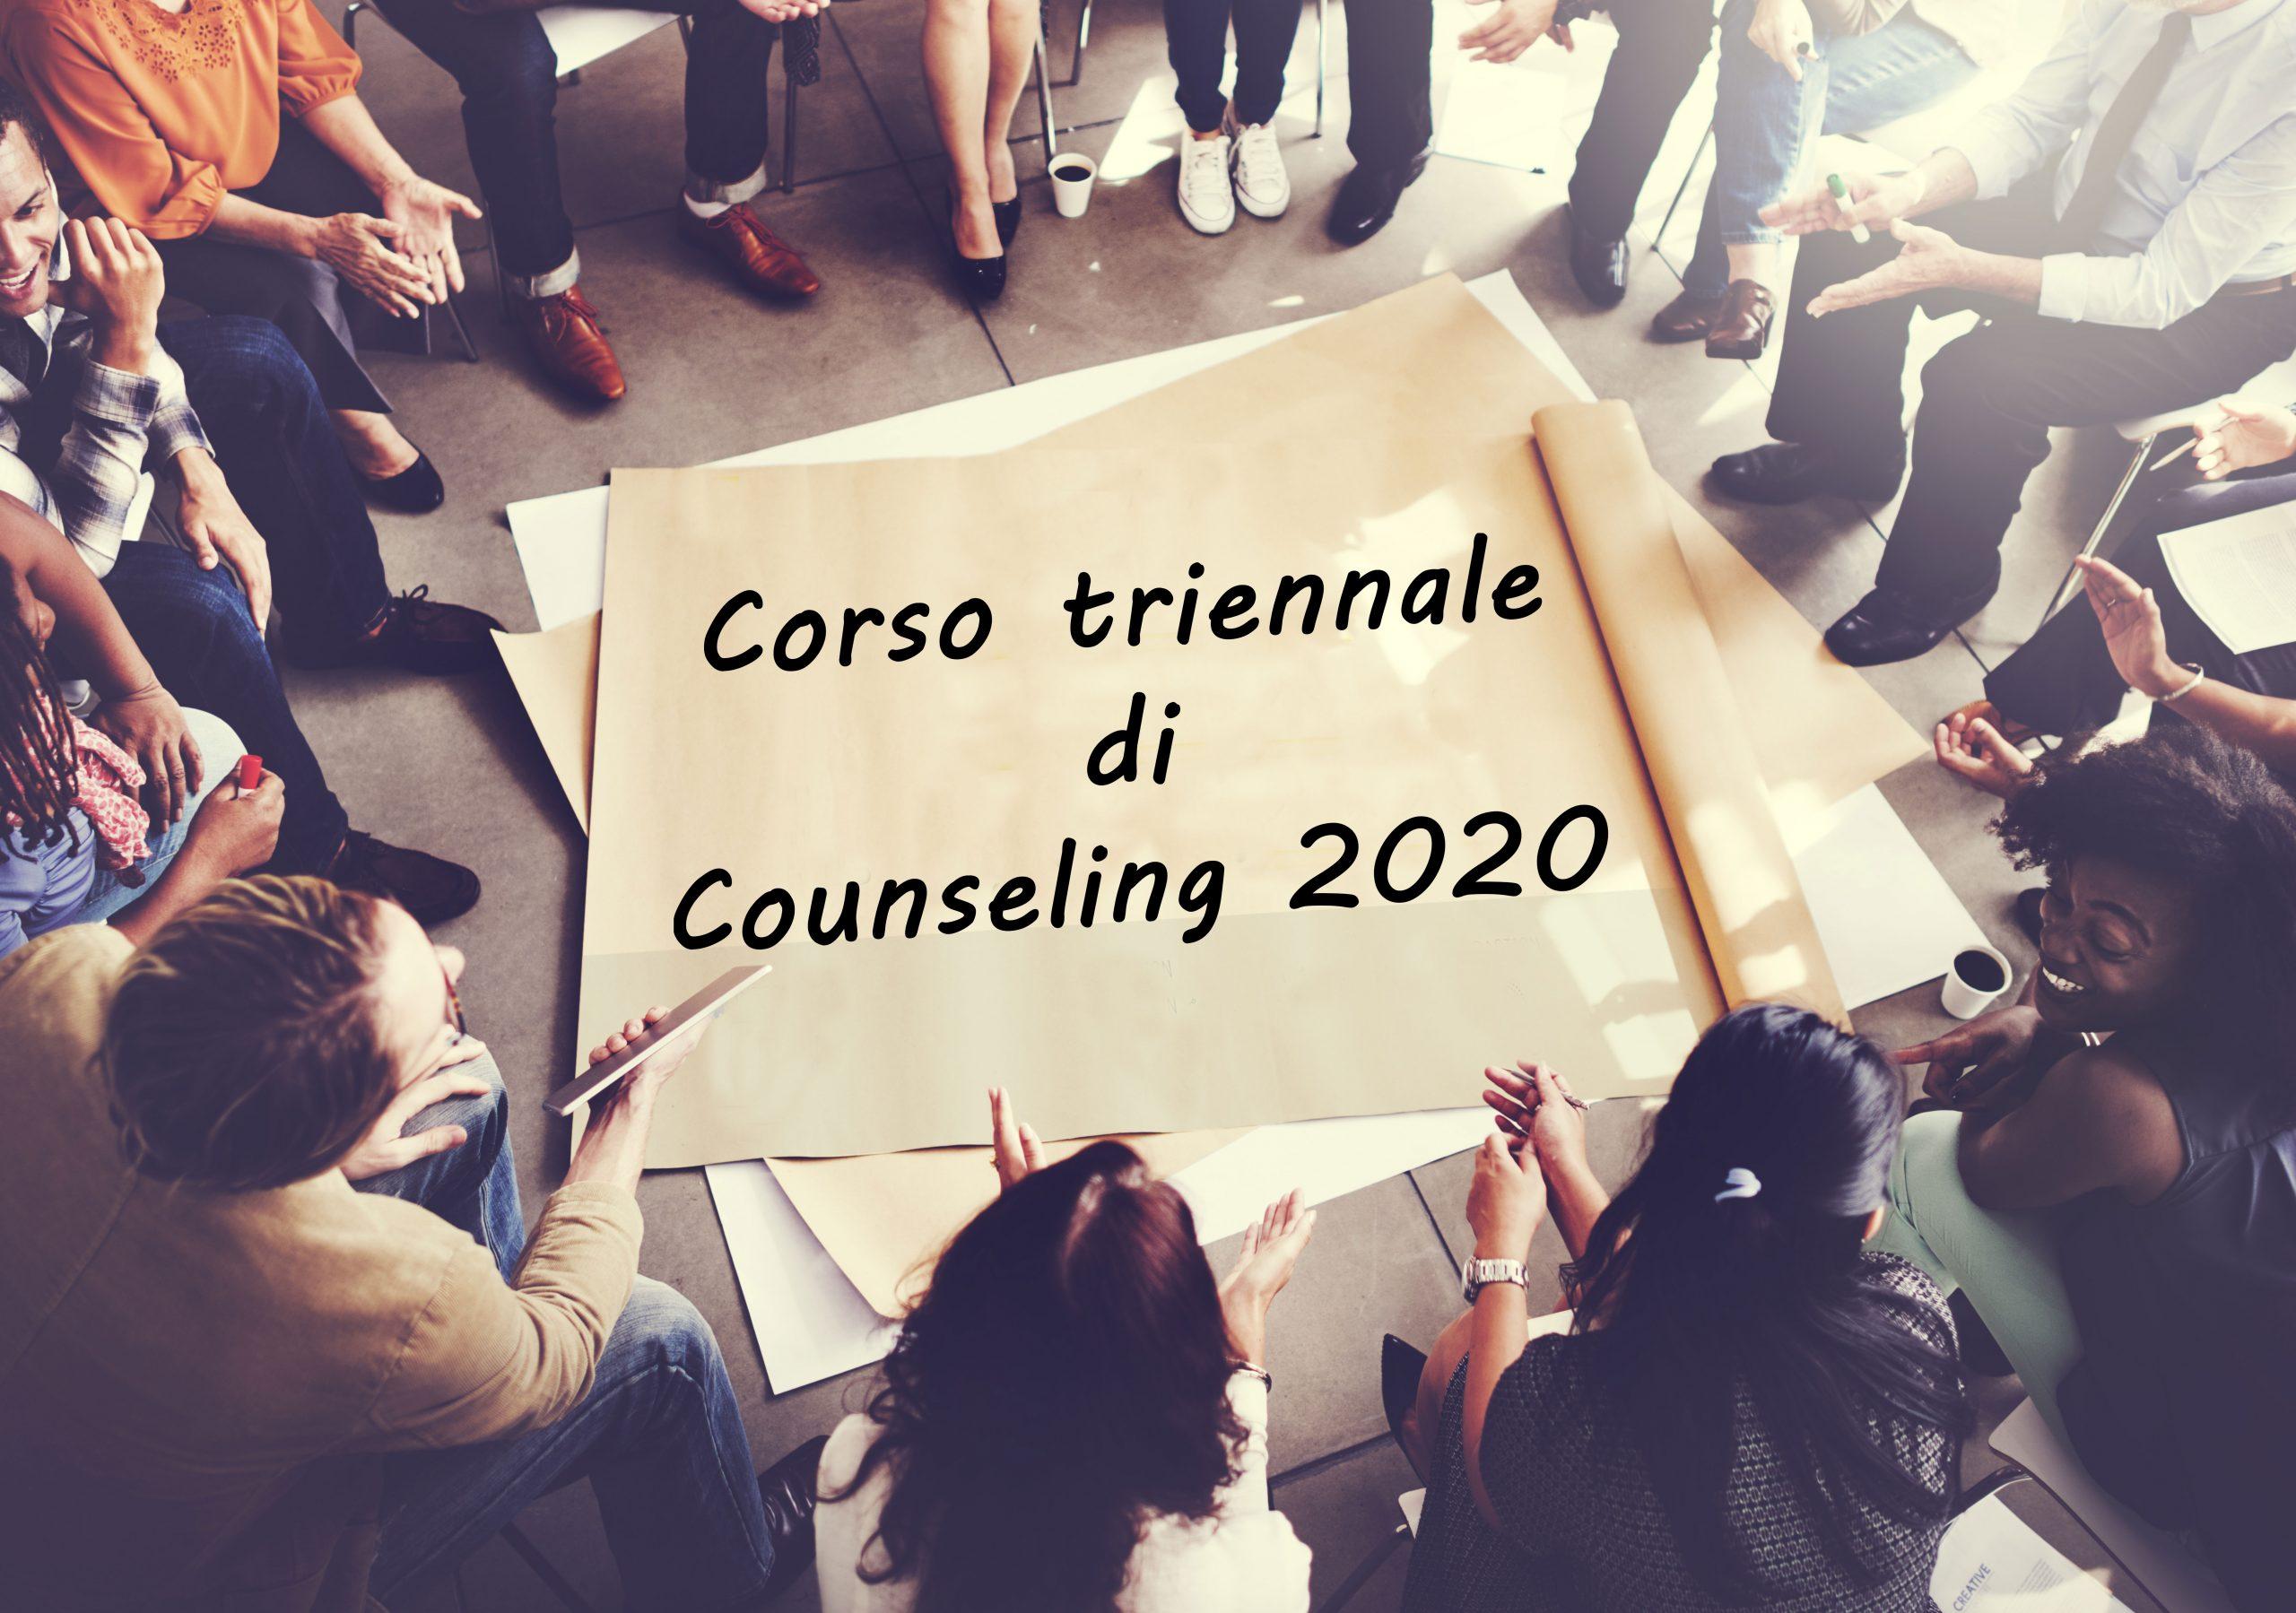 Corso triennale di Counseling 2020